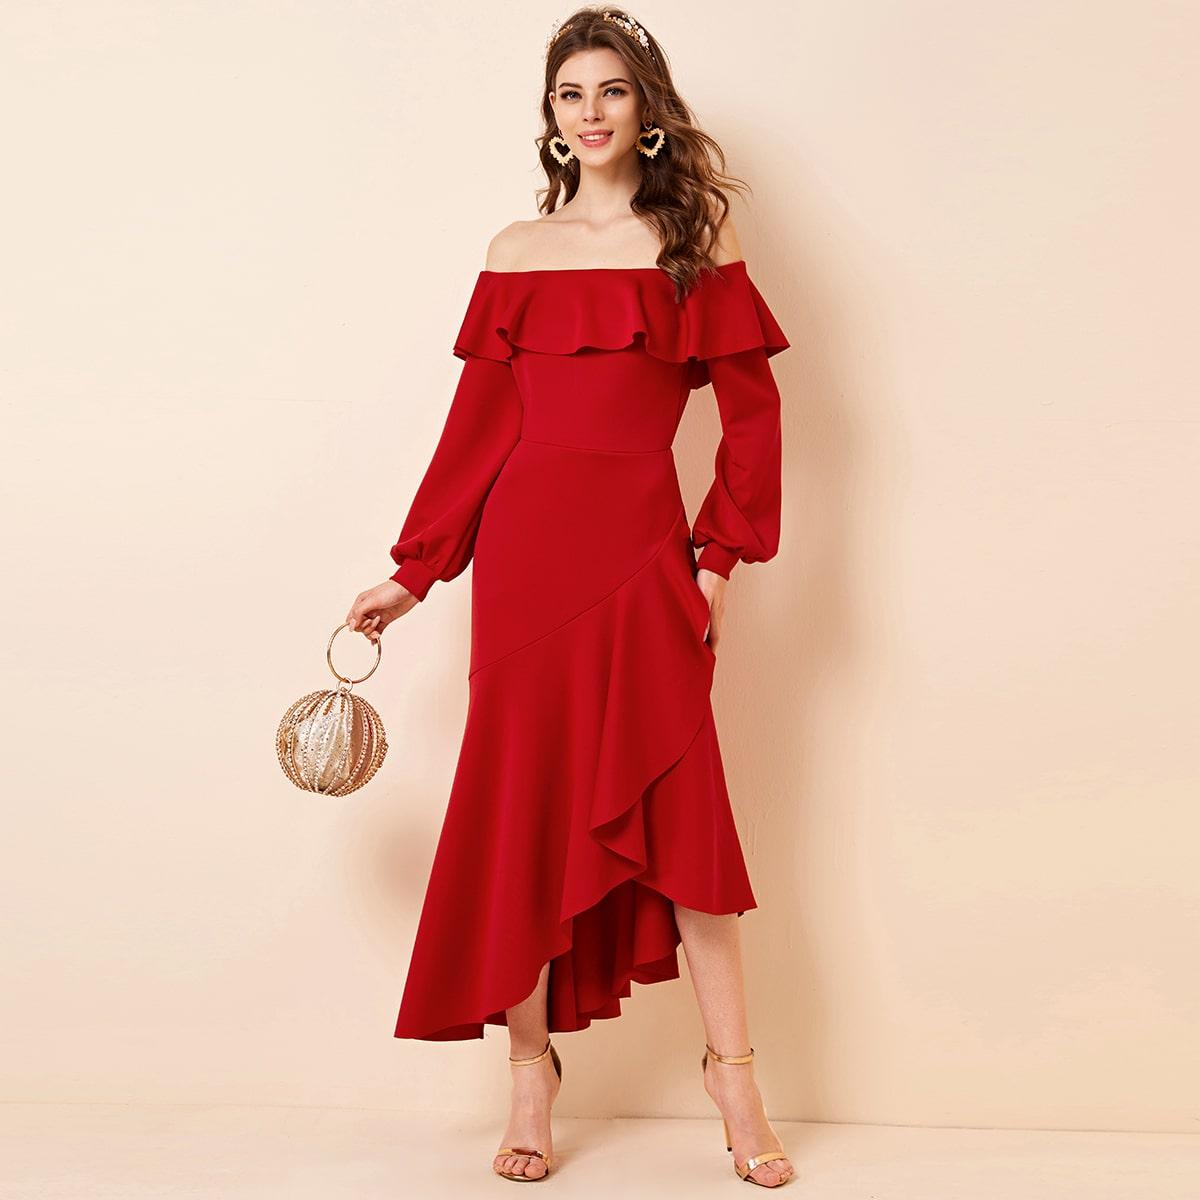 Купить Асимметричное платье с открытыми плечами и оборками от SHEIN красного цвета в Городке за 45.30 руб. Посмотреть отзывы и фото - «ModaMay»